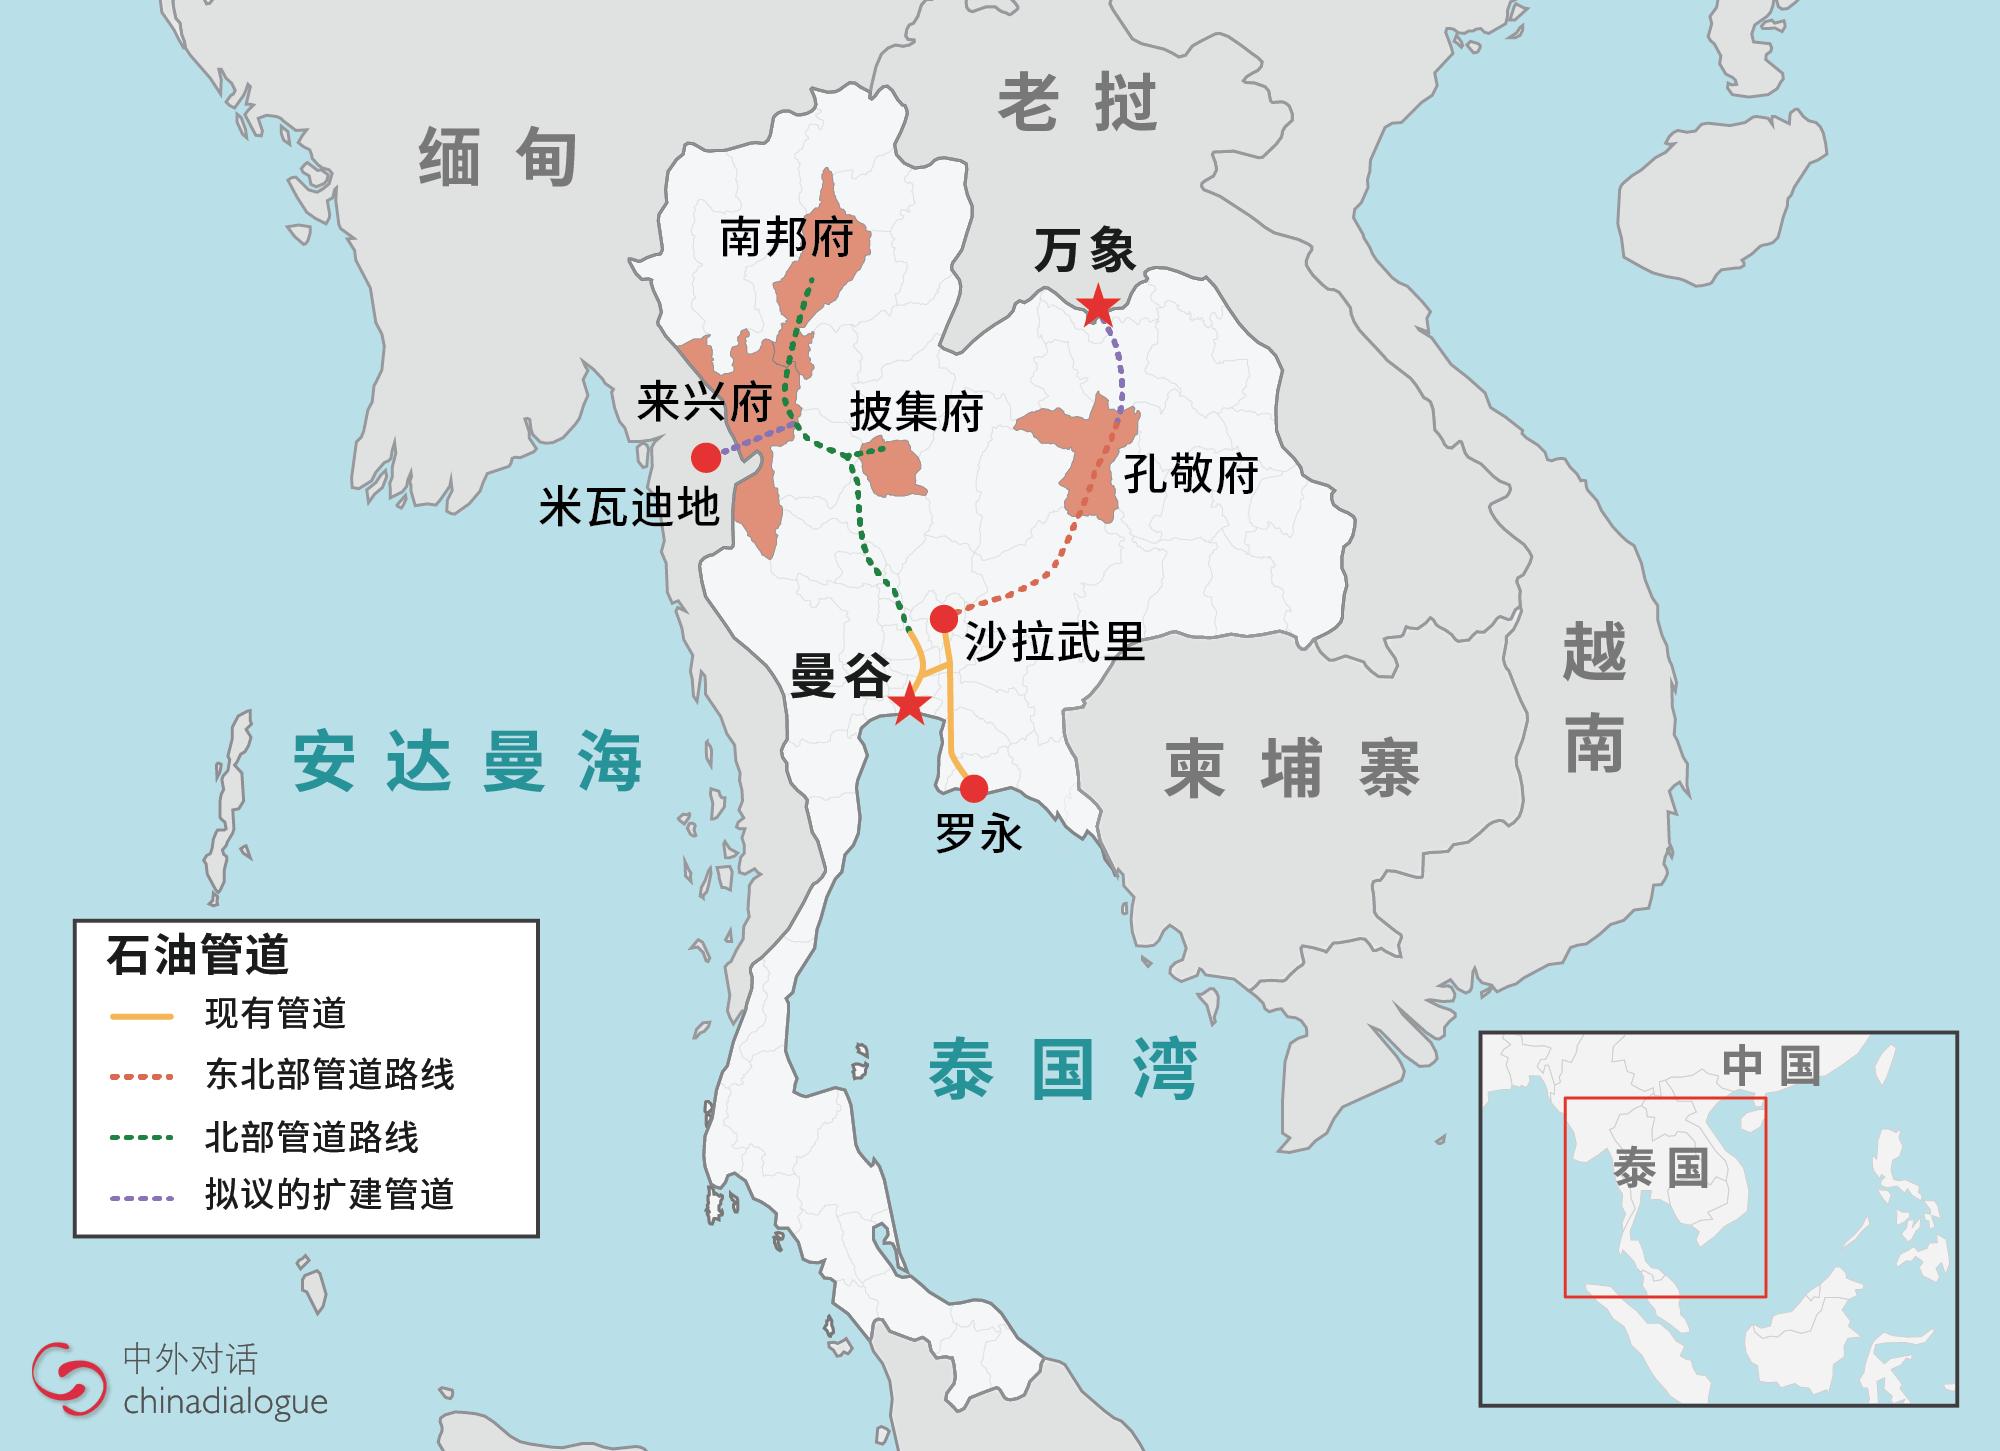 泰国东北部和北部的石油管道建设工程